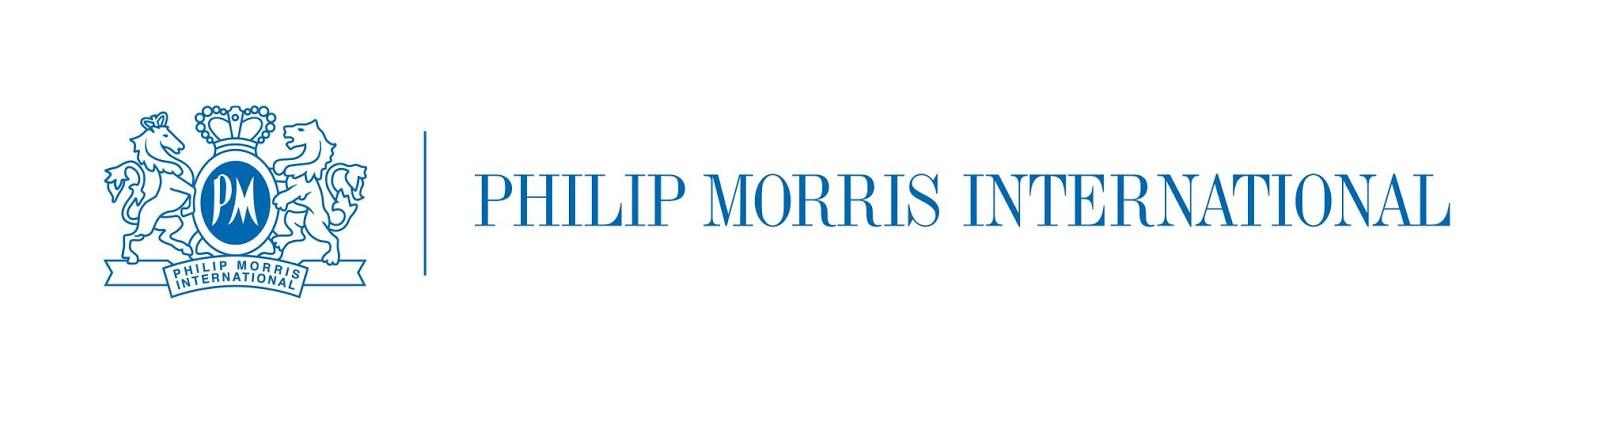 Филипп морис компания официальный сайт рф сайт компании светофор